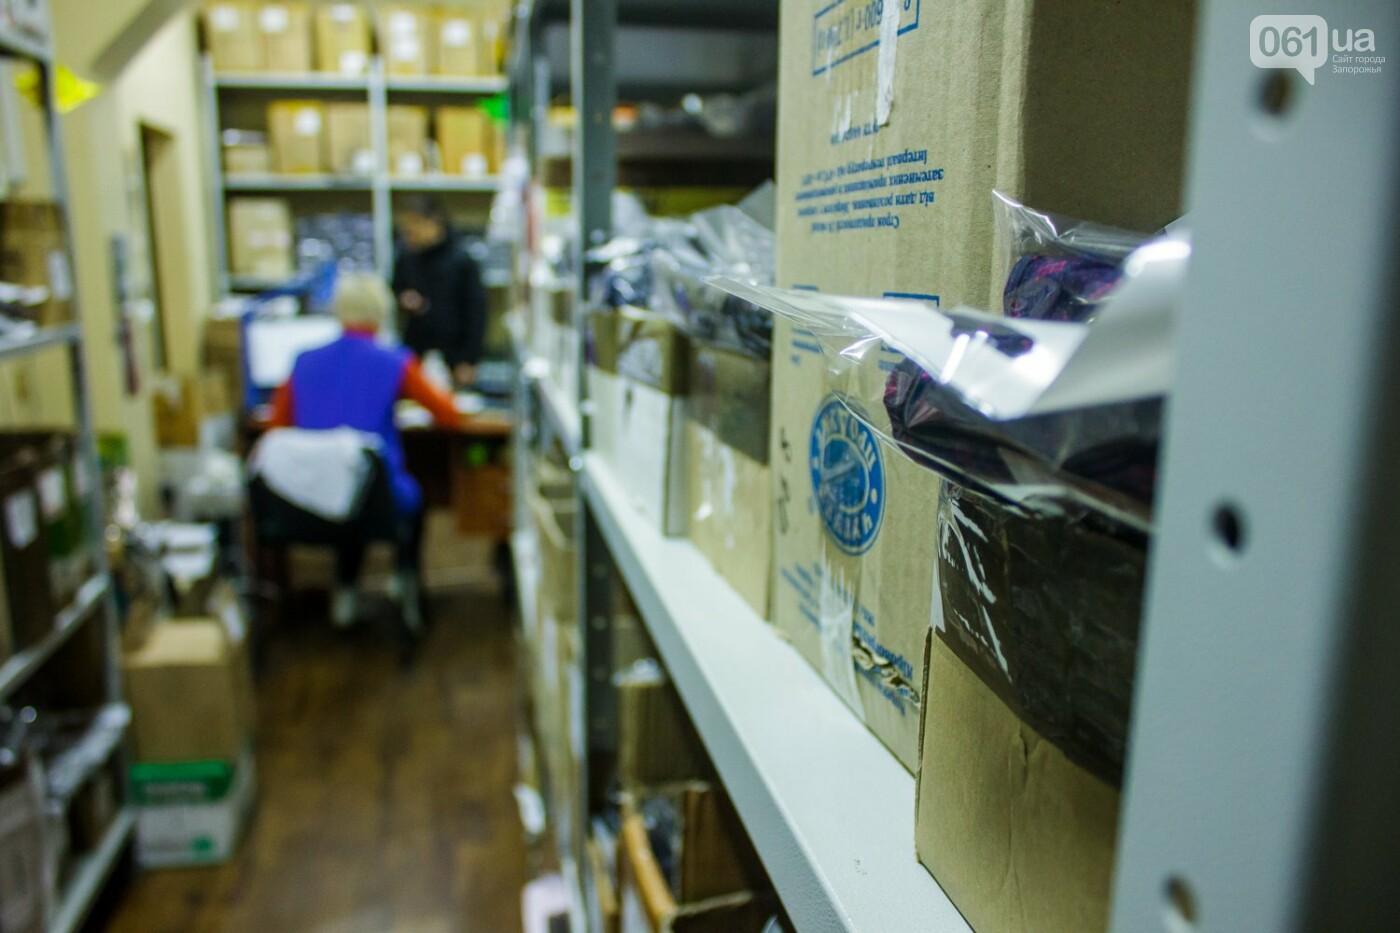 Как в Запорожье шьют мужское белье: экскурсия на трикотажную фабрику, – ФОТОРЕПОРТАЖ, фото-55